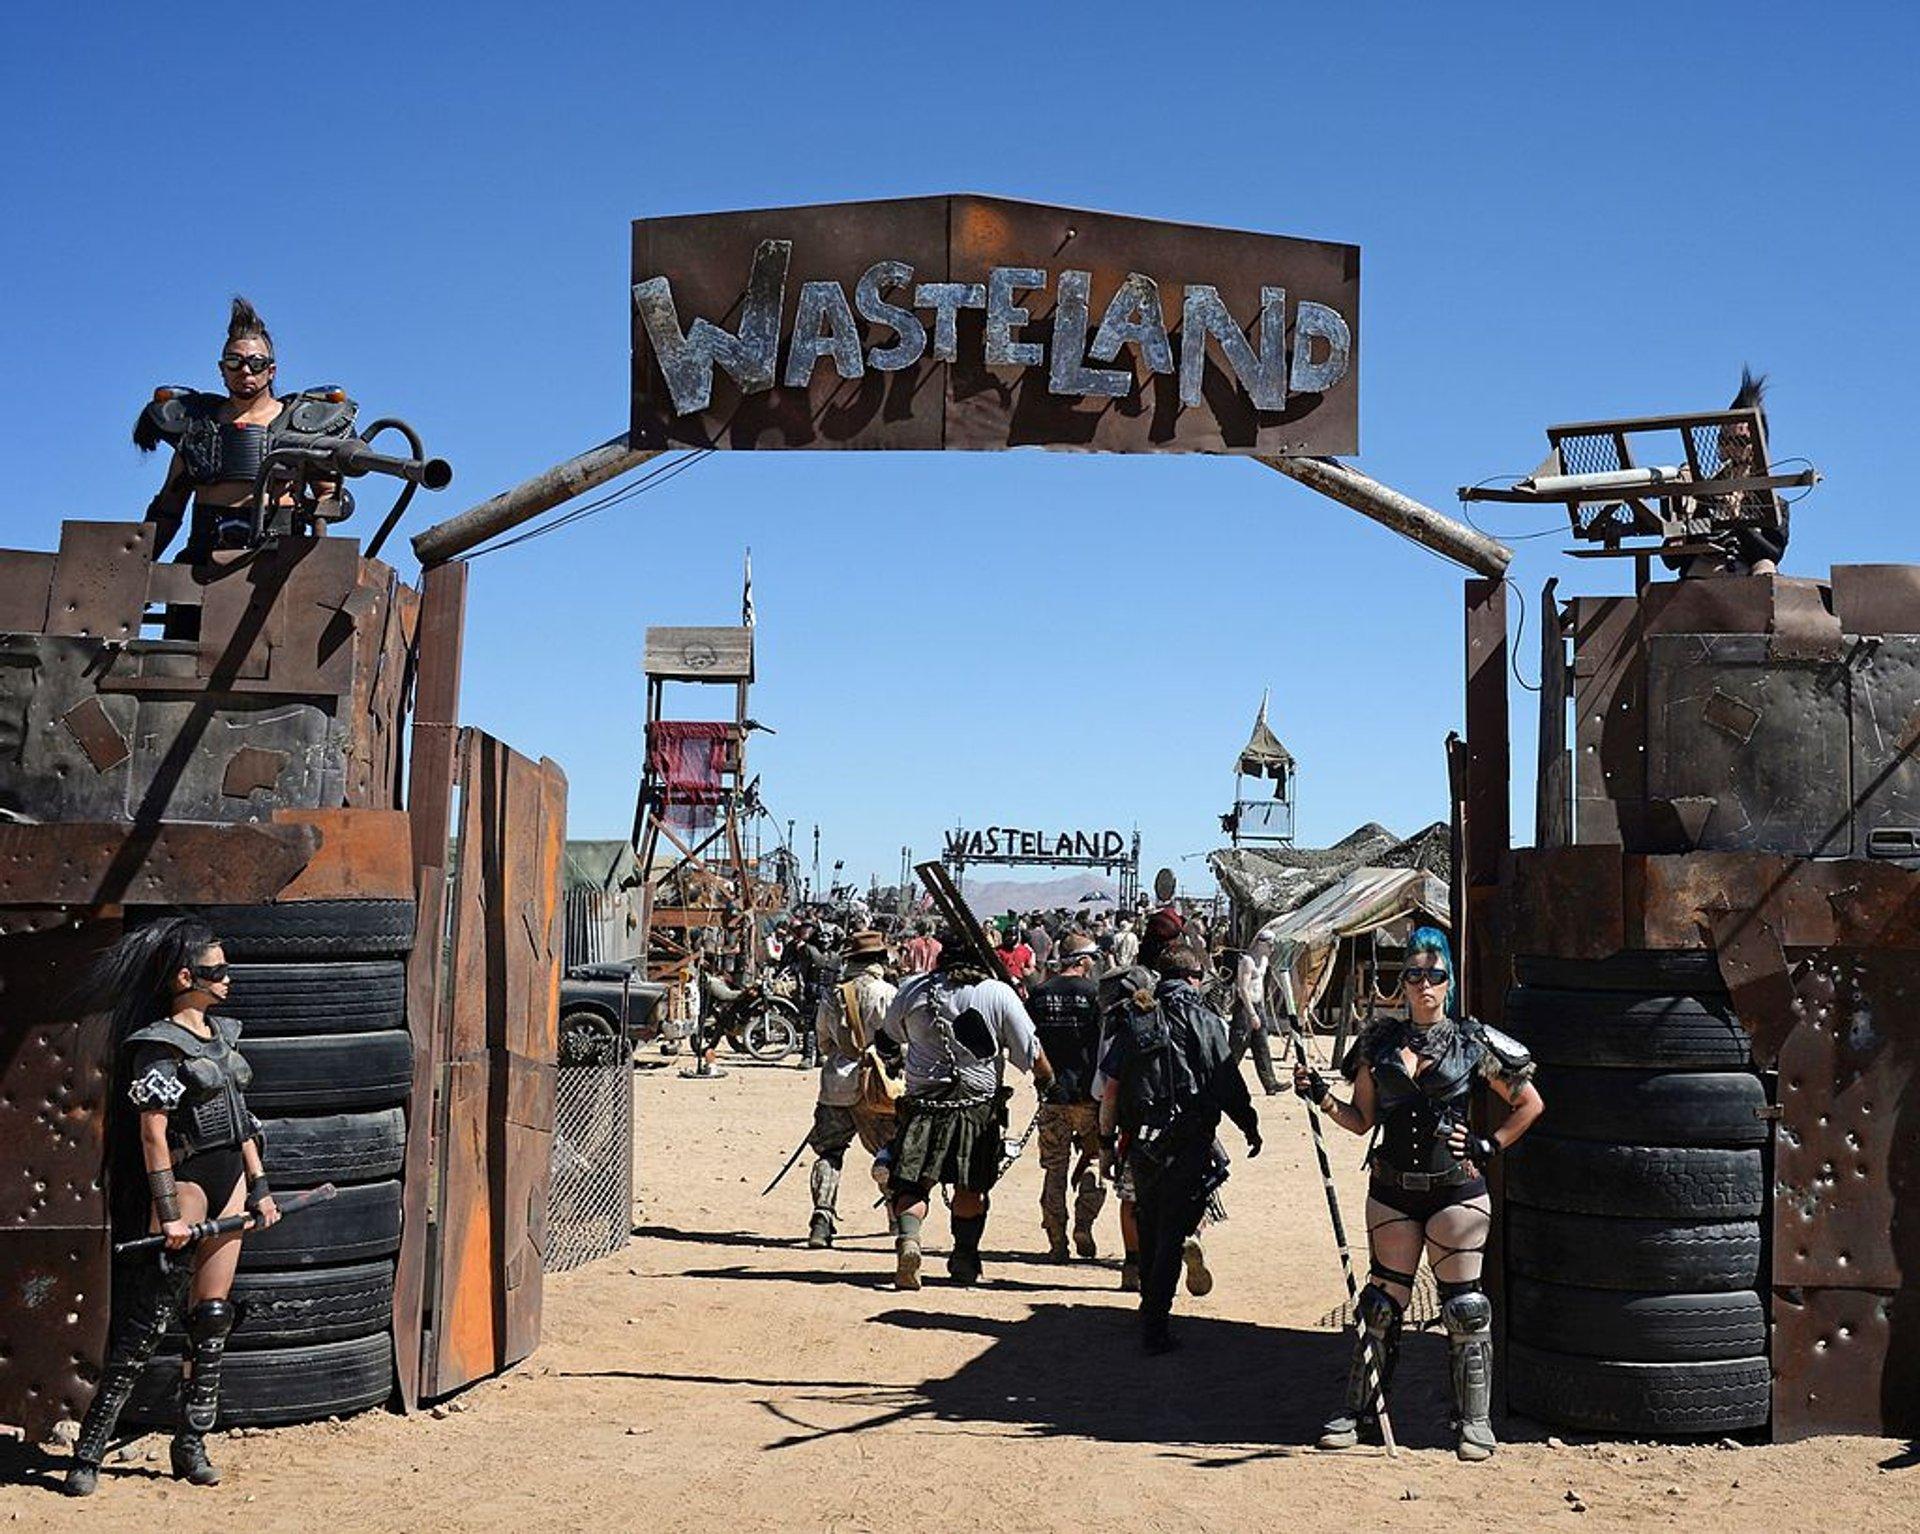 Wasteland Weekend in California 2020 - Best Time